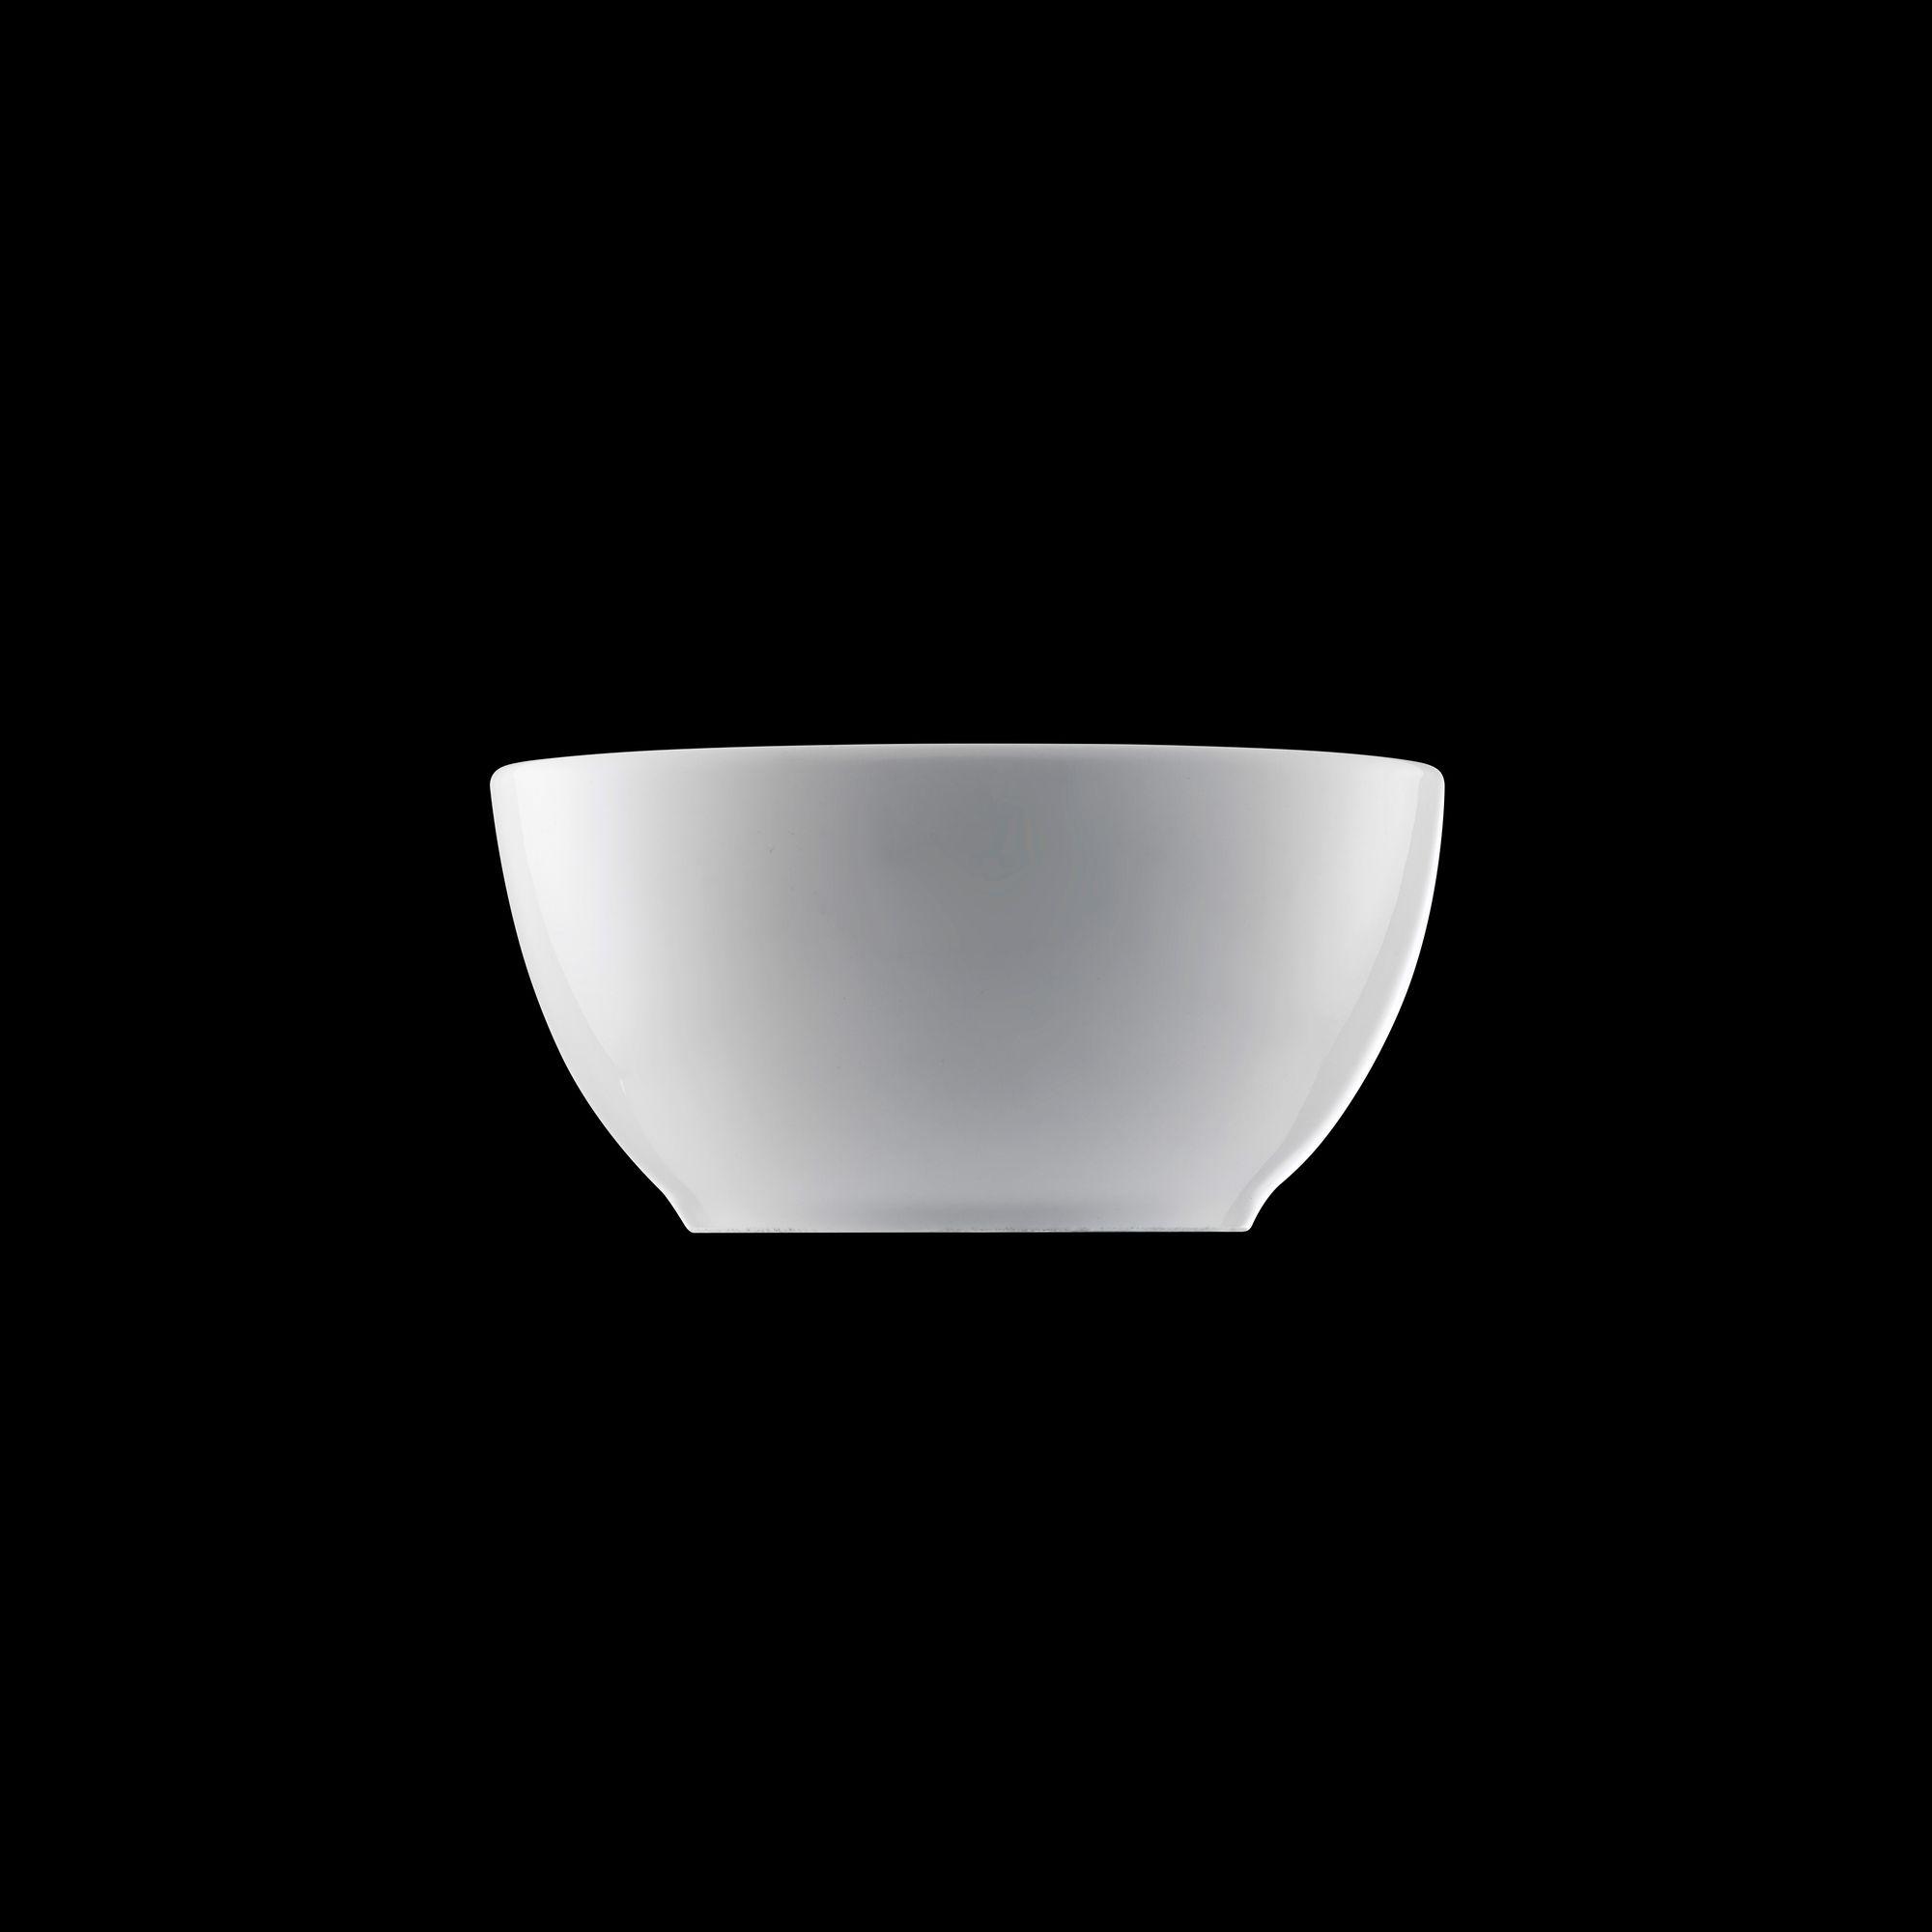 TUDOR ENGLAND Салатник 12.7 смФарфор Tudor England – идеальное посудное решение для любой семьи или ресторана благодаря доступной цене, отличному внешнему виду и высокому качеству, прочности и долговечности, привлекательному дизайну и большому ассортименту на выбор. Важным преимуществом является возможность использования в микроволновой печи, духовке (до 280 градусов) и мытья в посудомоечной машине. Линейка Tudor Ware производилась с 1828 года, поэтому фарфор Tudor England является наследником традиций, навыков и технологий ушедших поколений, что отражается в каждой из наших фарфоровых коллекций.<br>